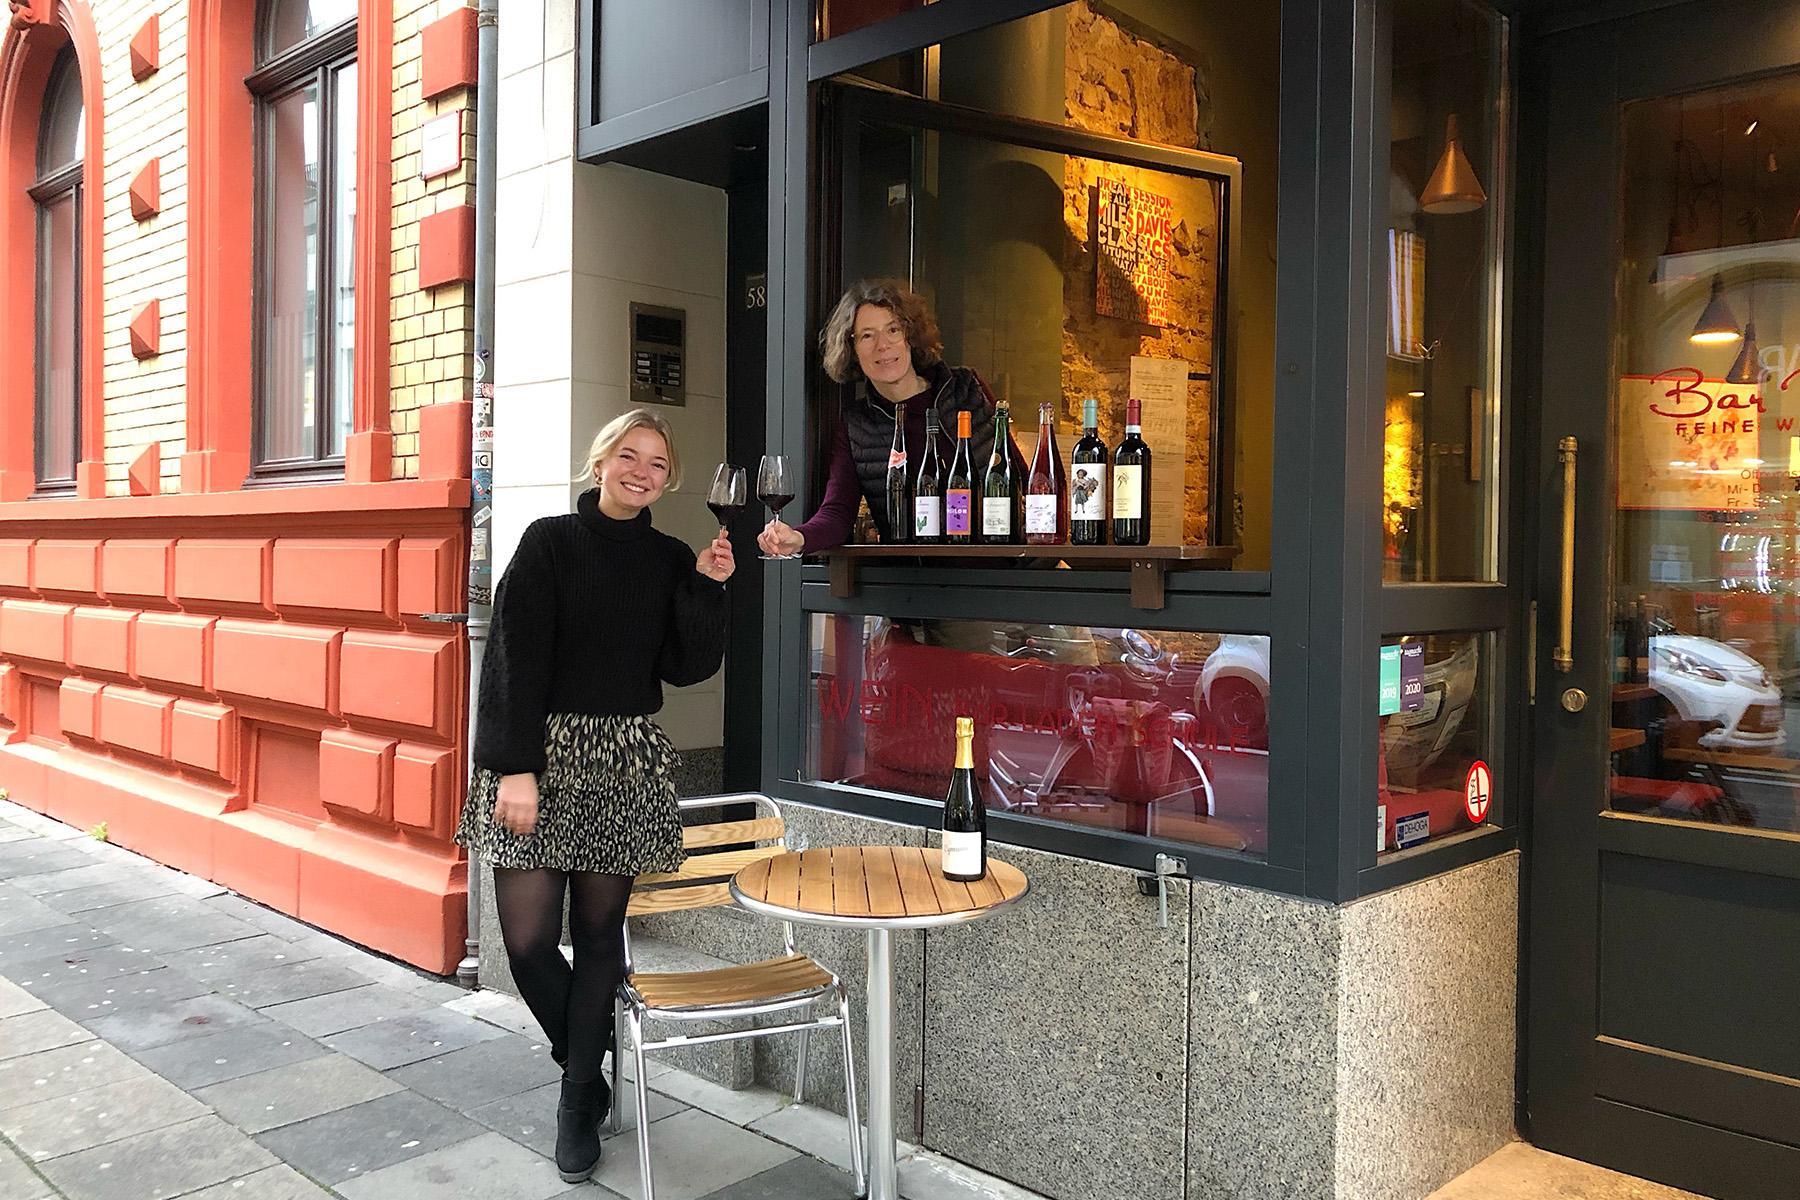 Rix, Bar, Wein – ©Carina Birnbacher